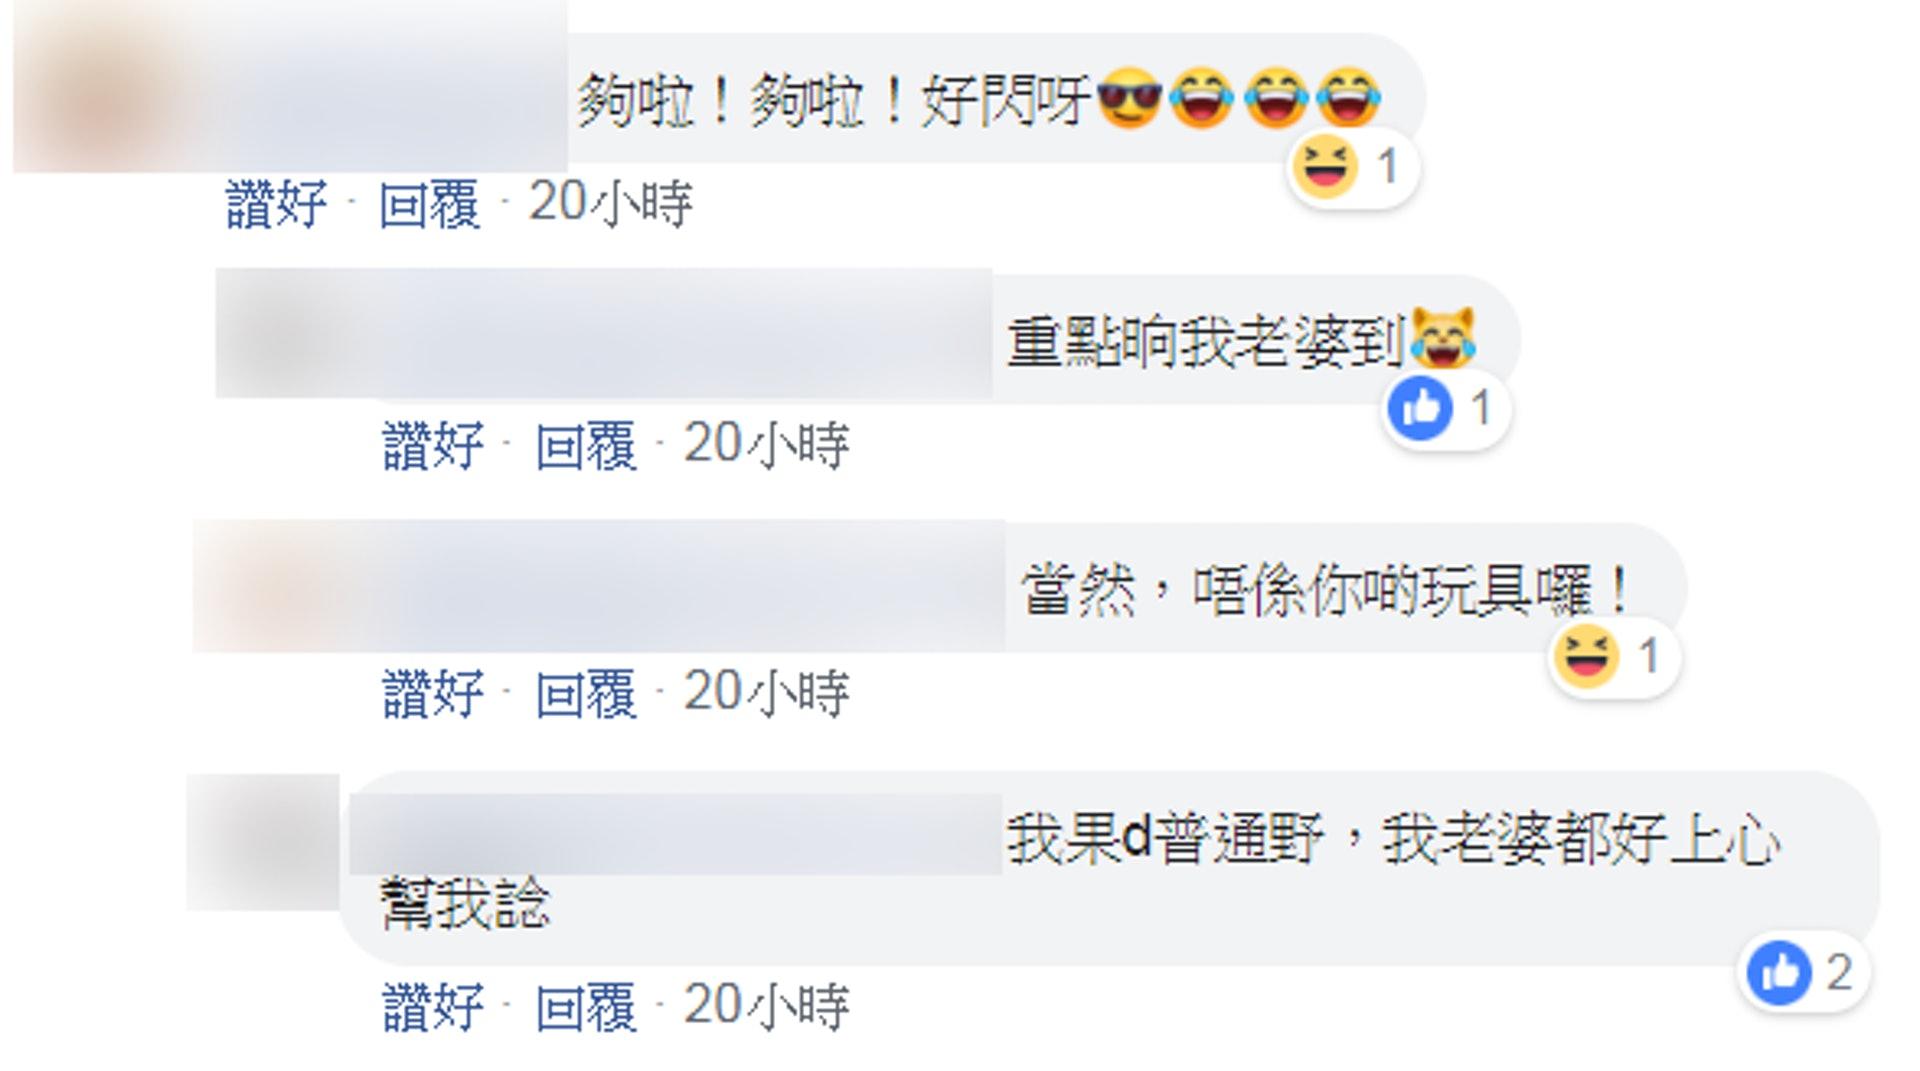 李先生稱妻子對裝修一事十上心。(fb群組「今日一入玩具報價區」)